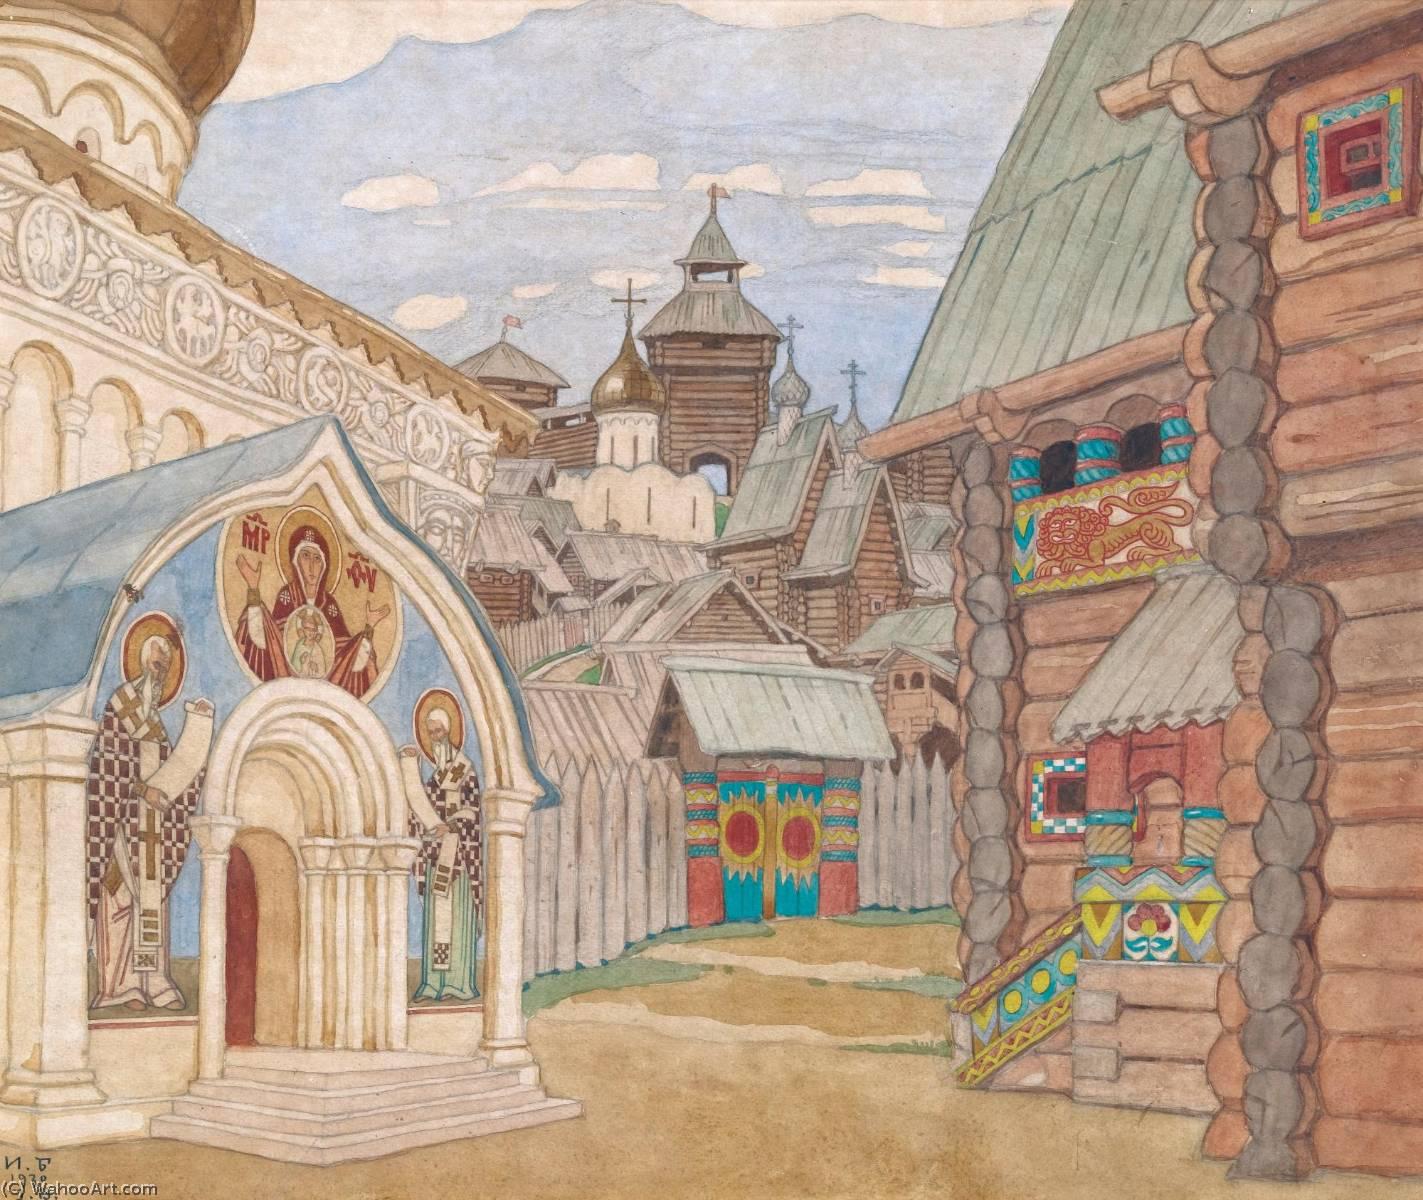 https://wahooart.com/Art.nsf/O/AQQW3Y/$File/Ivan-Yakovlevich-Bilibin-Russian-Village.jpg